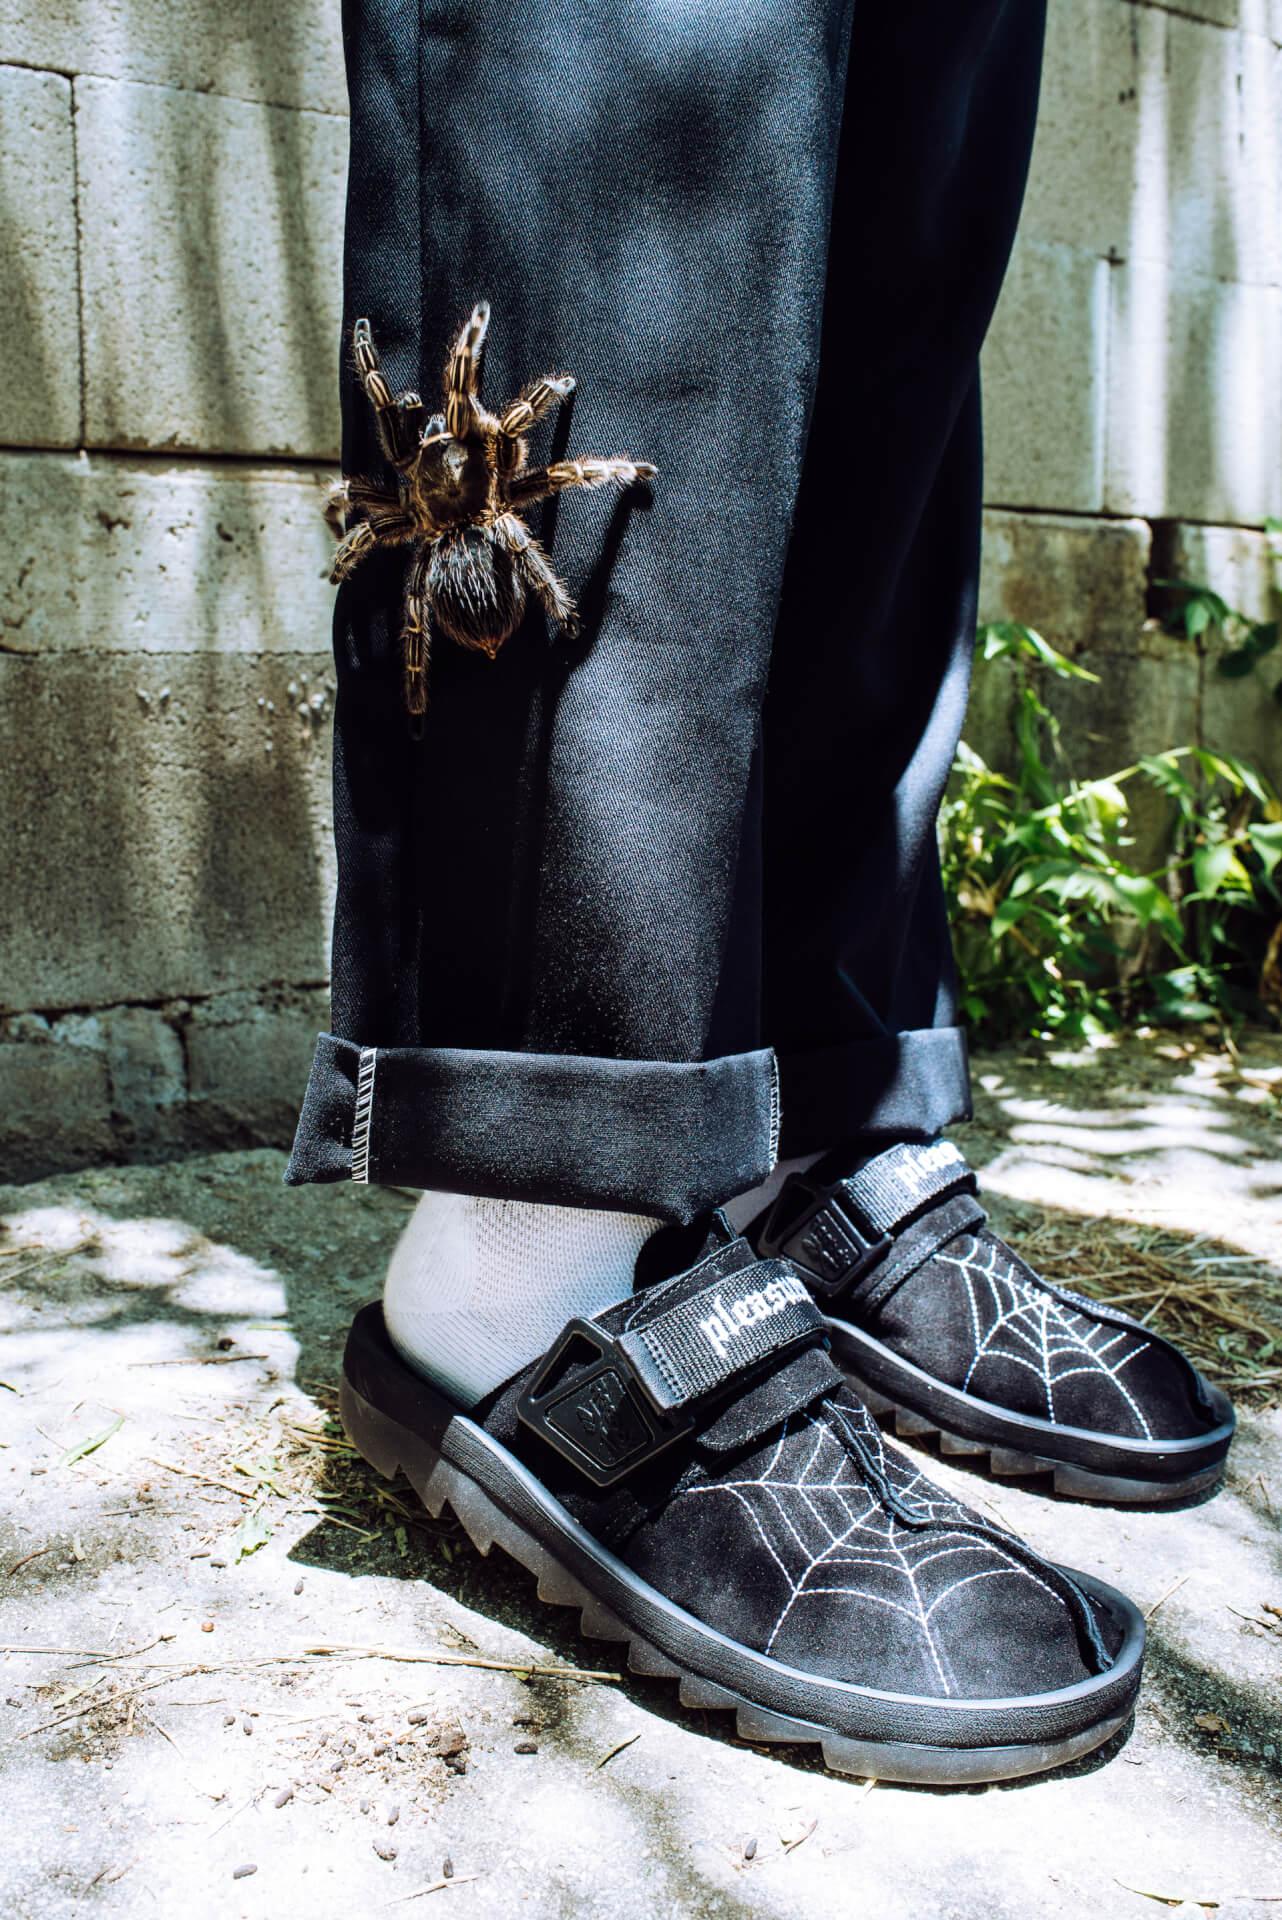 リーボックとPLEASURESがコラボ!90年代の名作サンダル『BEATNIK』のスペシャルモデル『Reebok ✕ PLEASURES BEATNIK』が登場 fashion2020908-reebok2